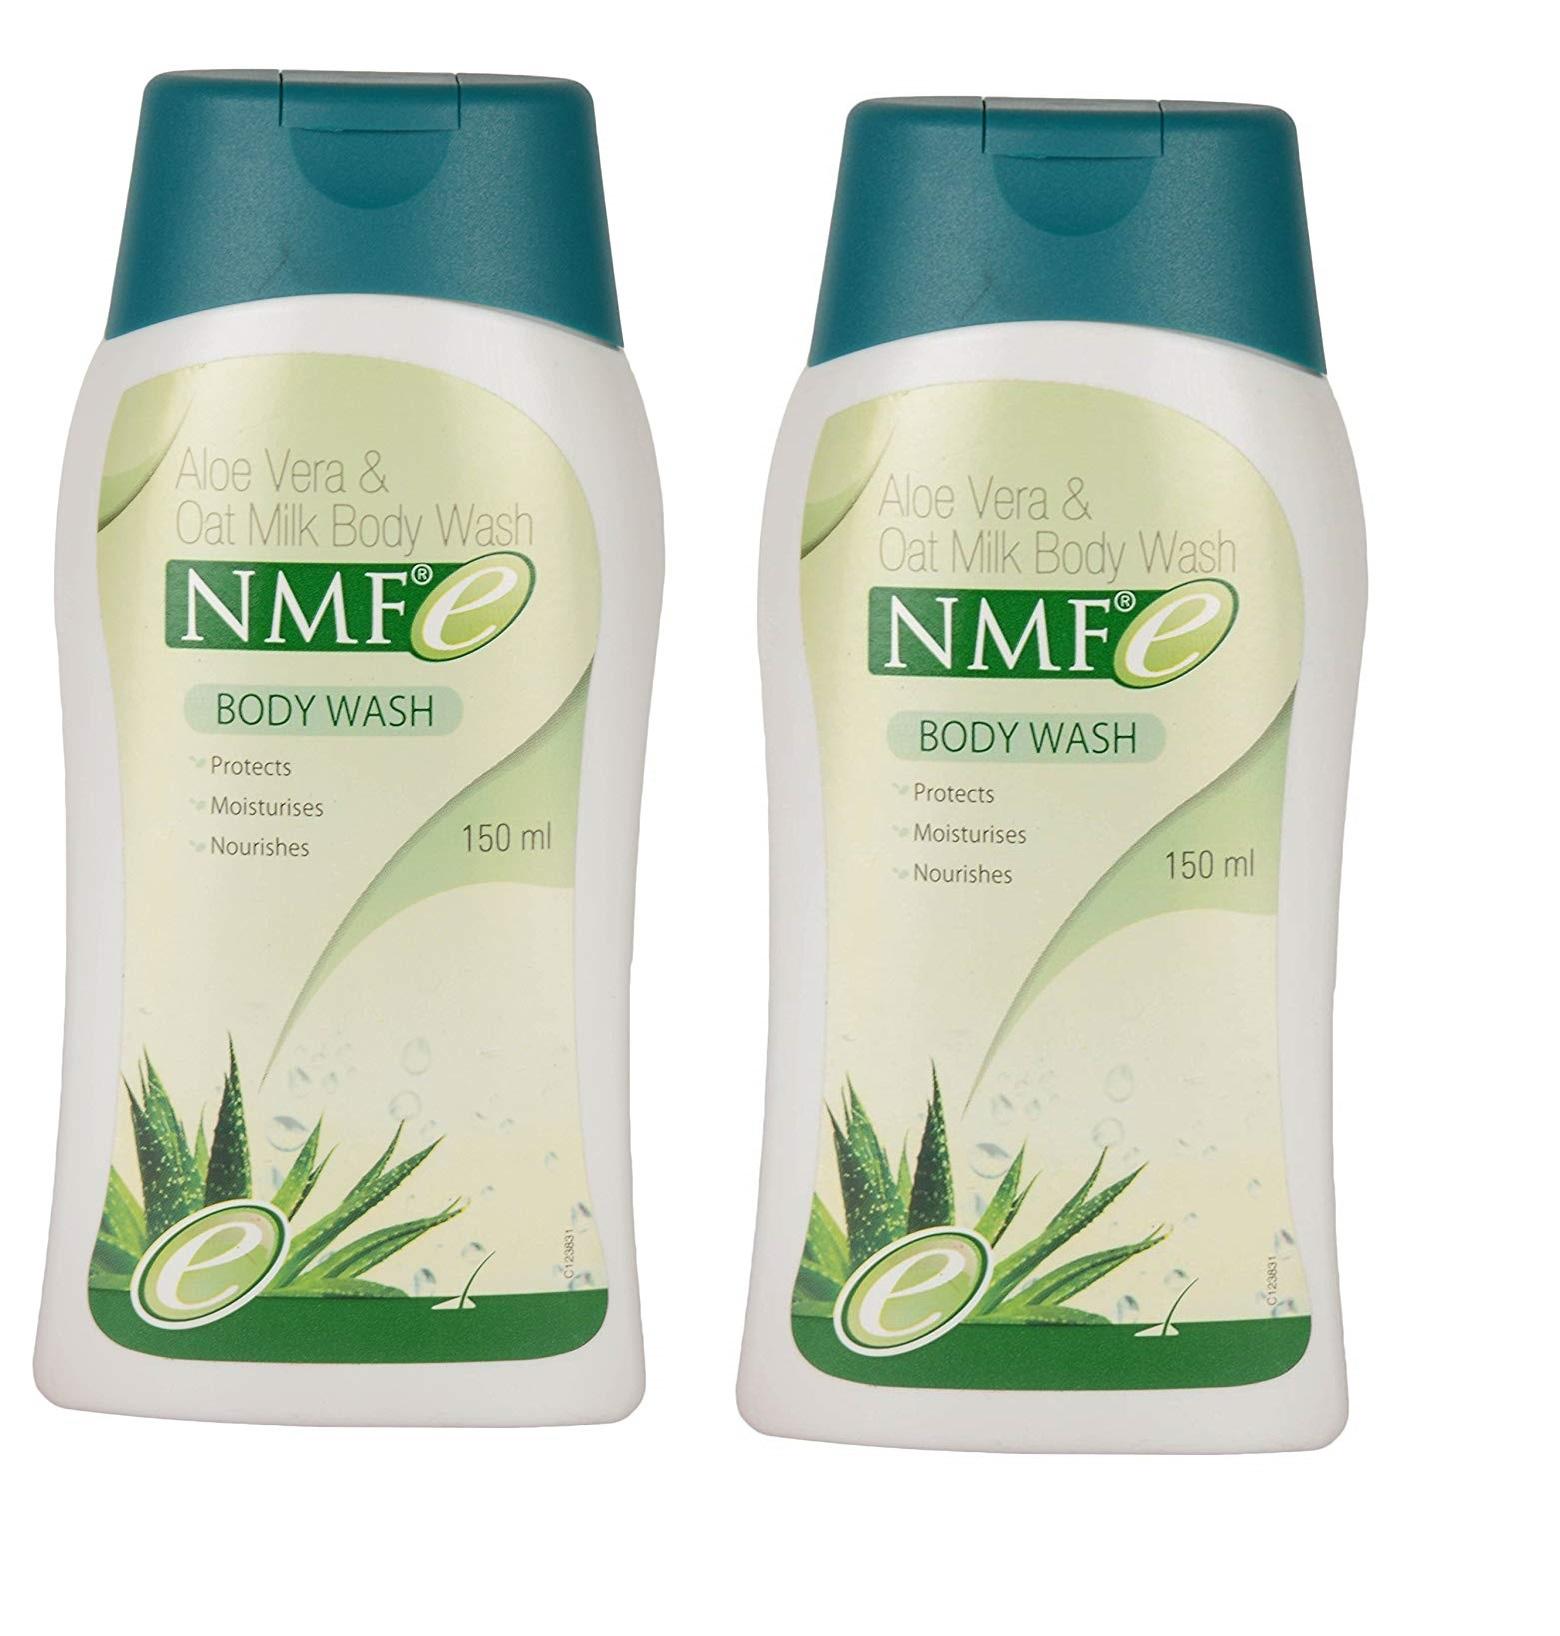 NMFe daily moisturising body wash 150 ml PACK OF 2